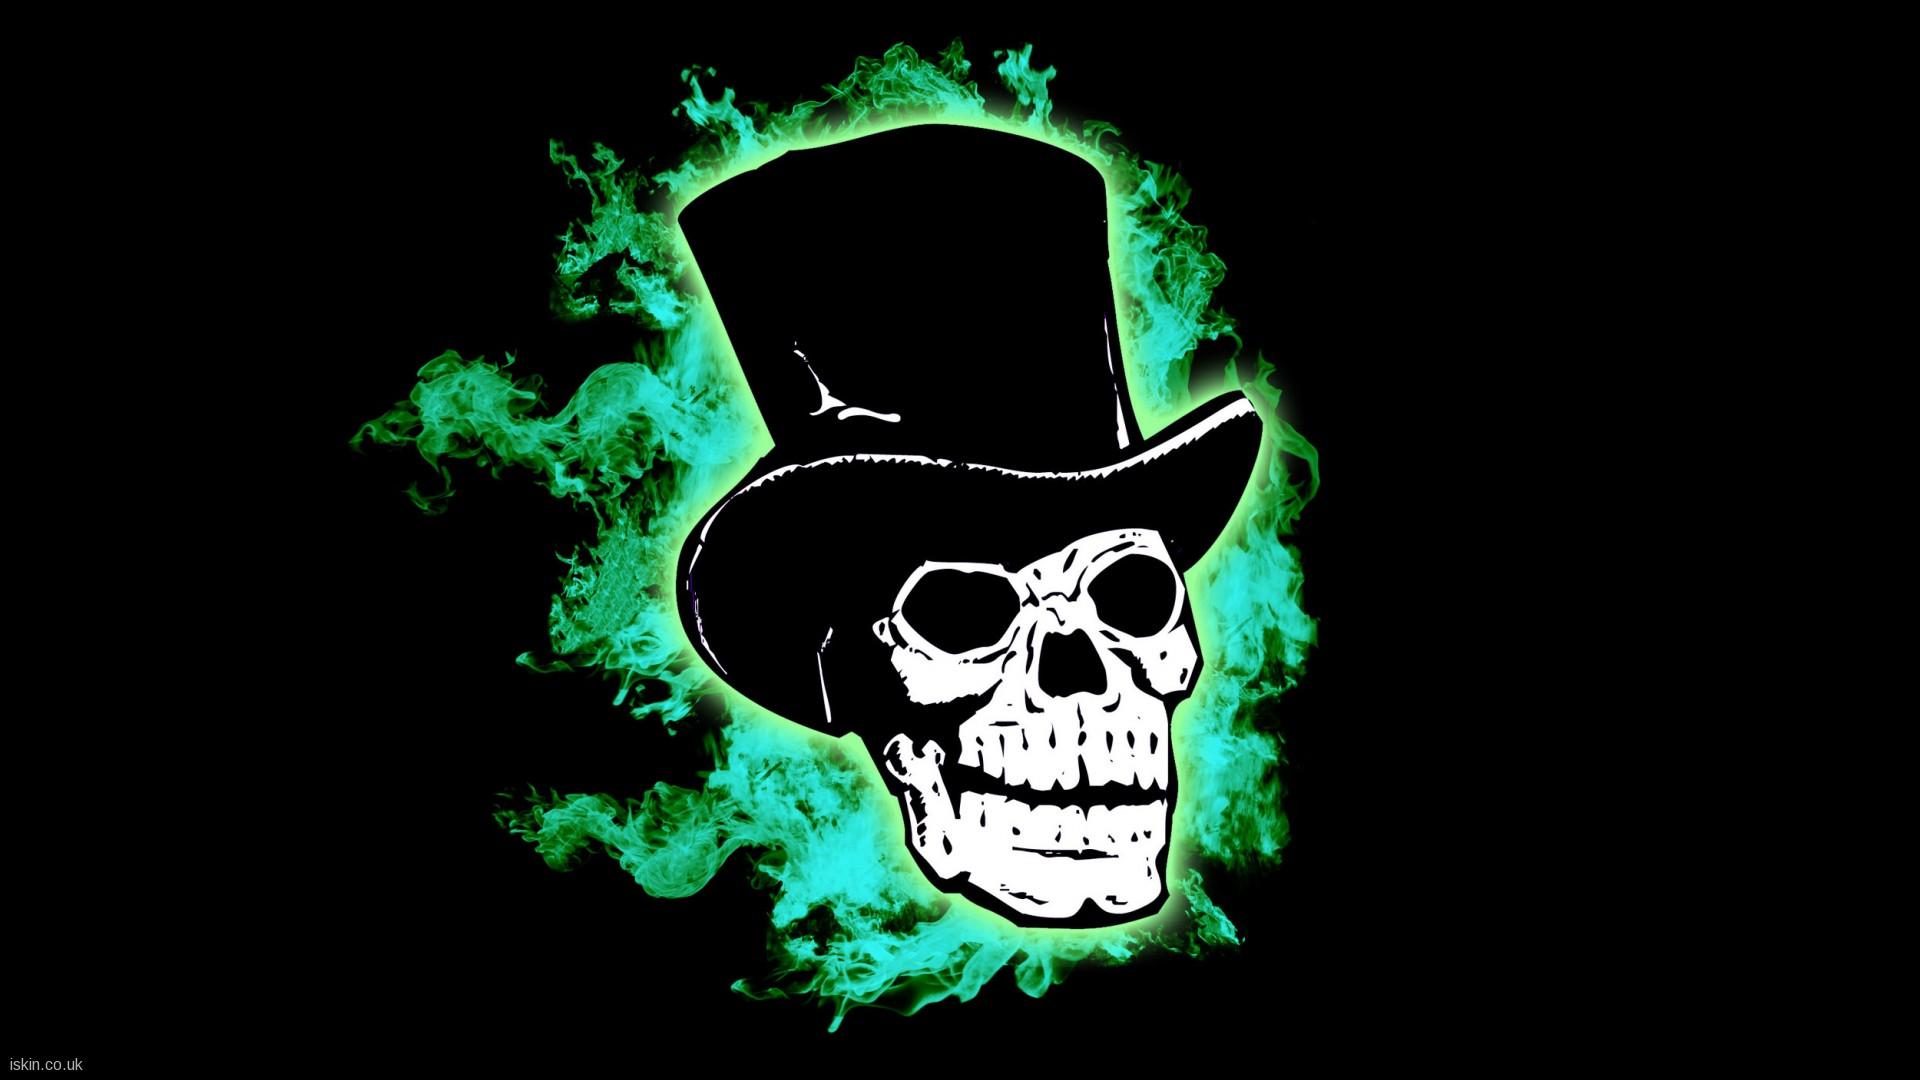 Skull Green Wallpapers 1920x1080